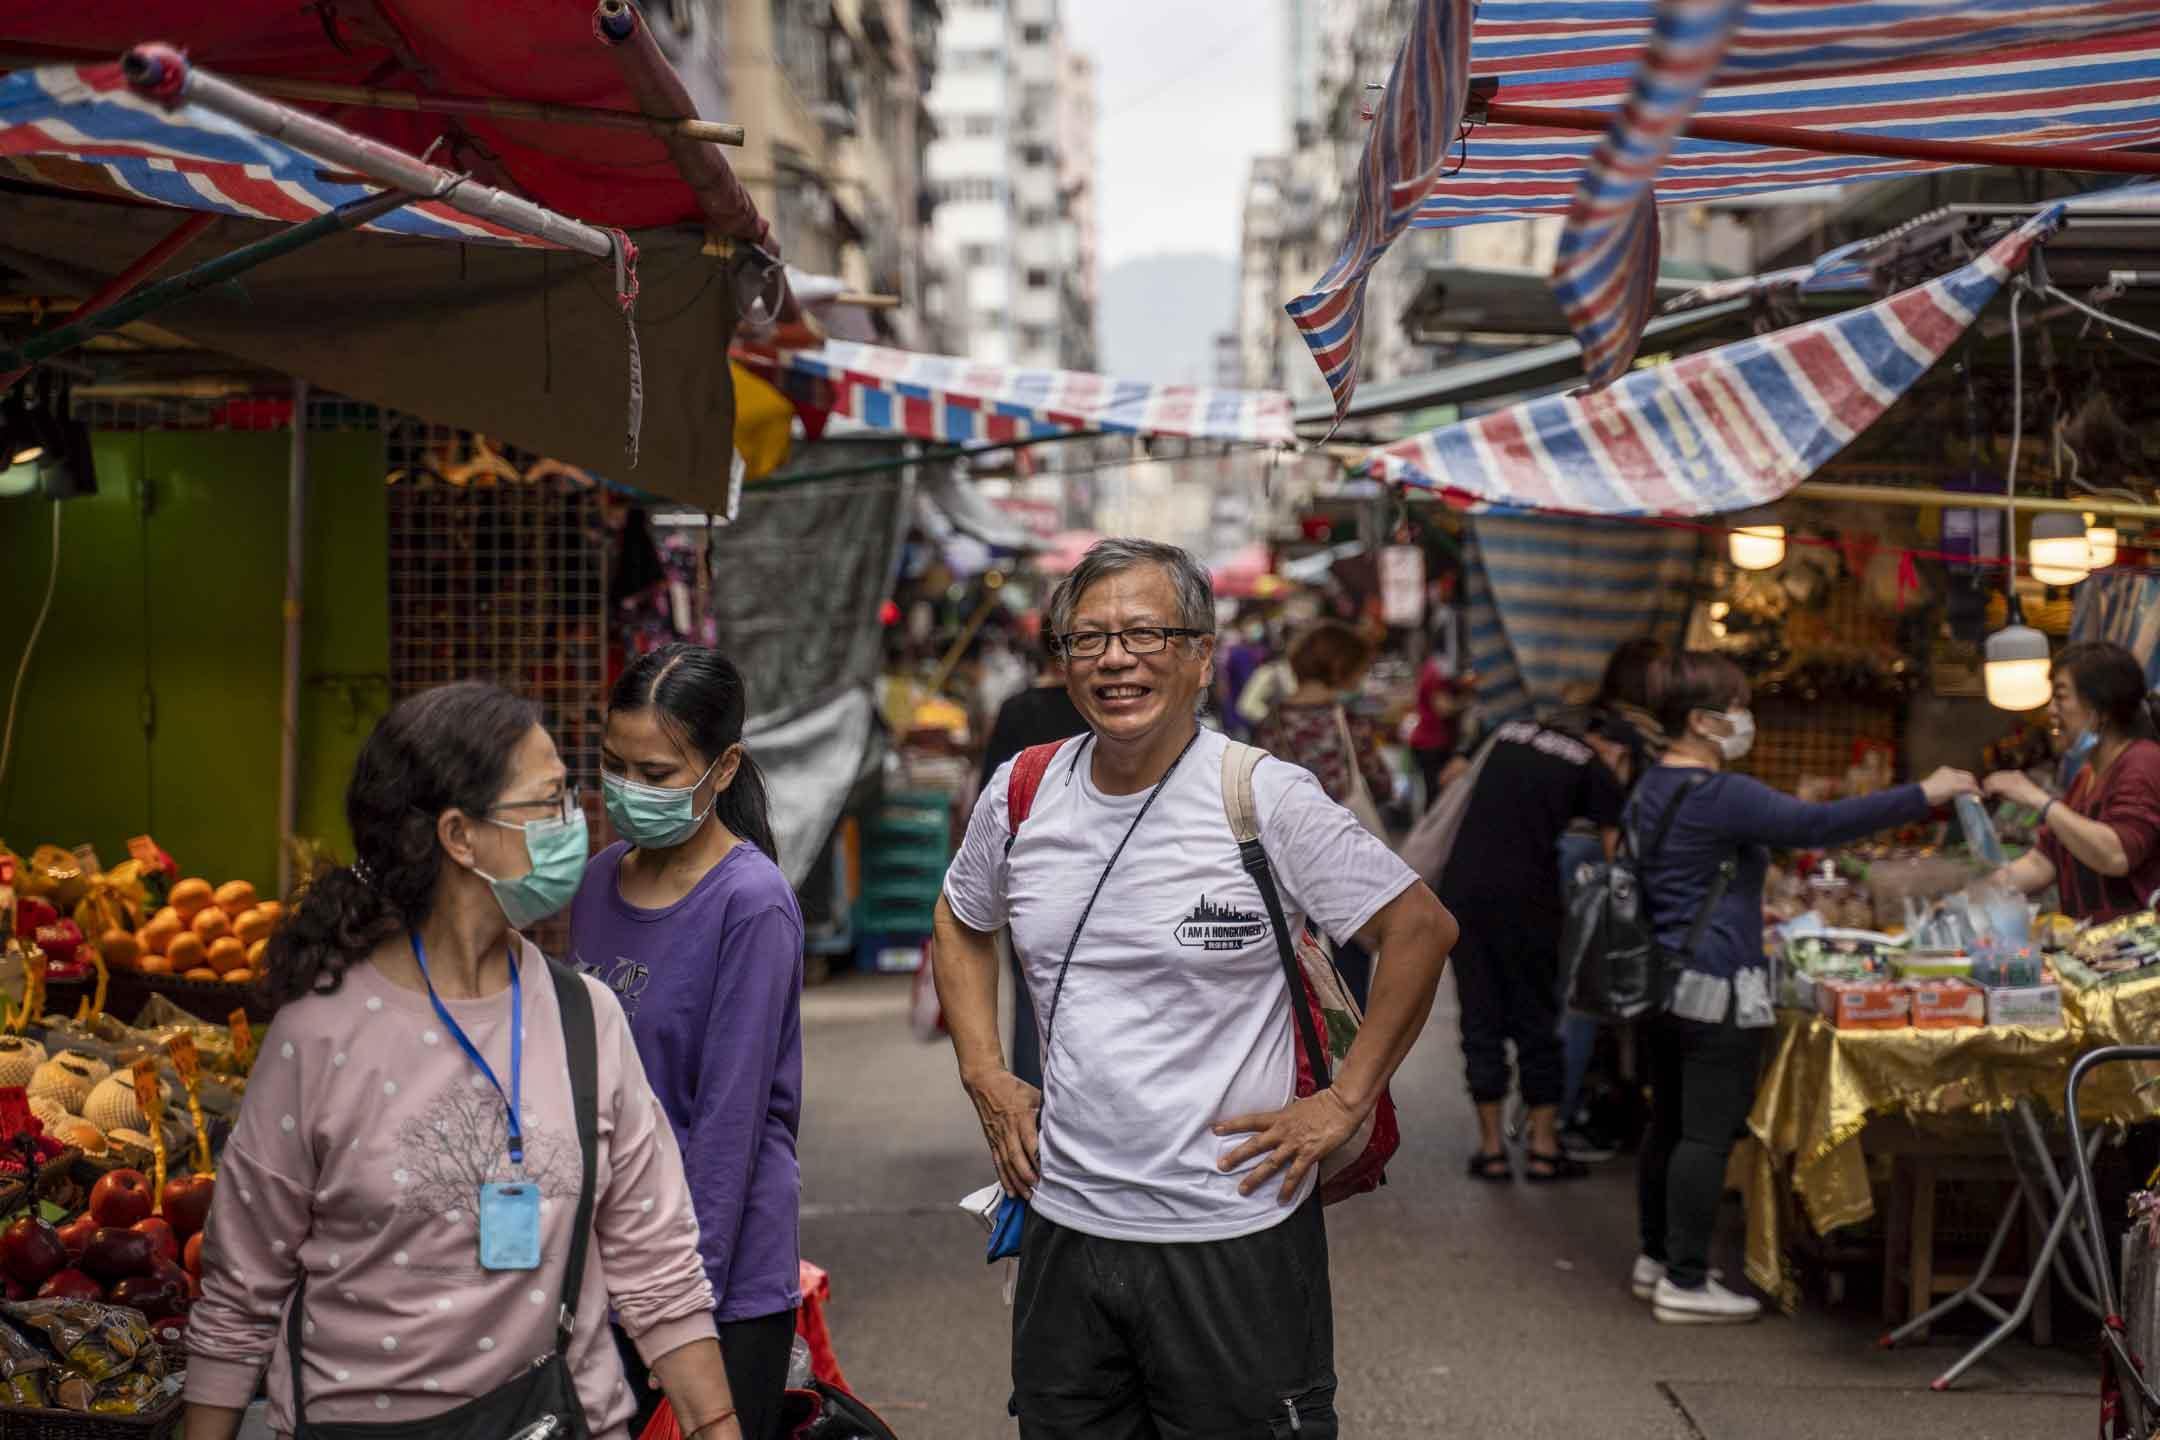 化學博士鄺士山K. Kwong,月前落手設計了香港第一款可更換濾芯的口罩,為這每天要回覆數以百計的信息、從早到晚接受多個傳媒的訪問。 攝:林振東/端傳媒